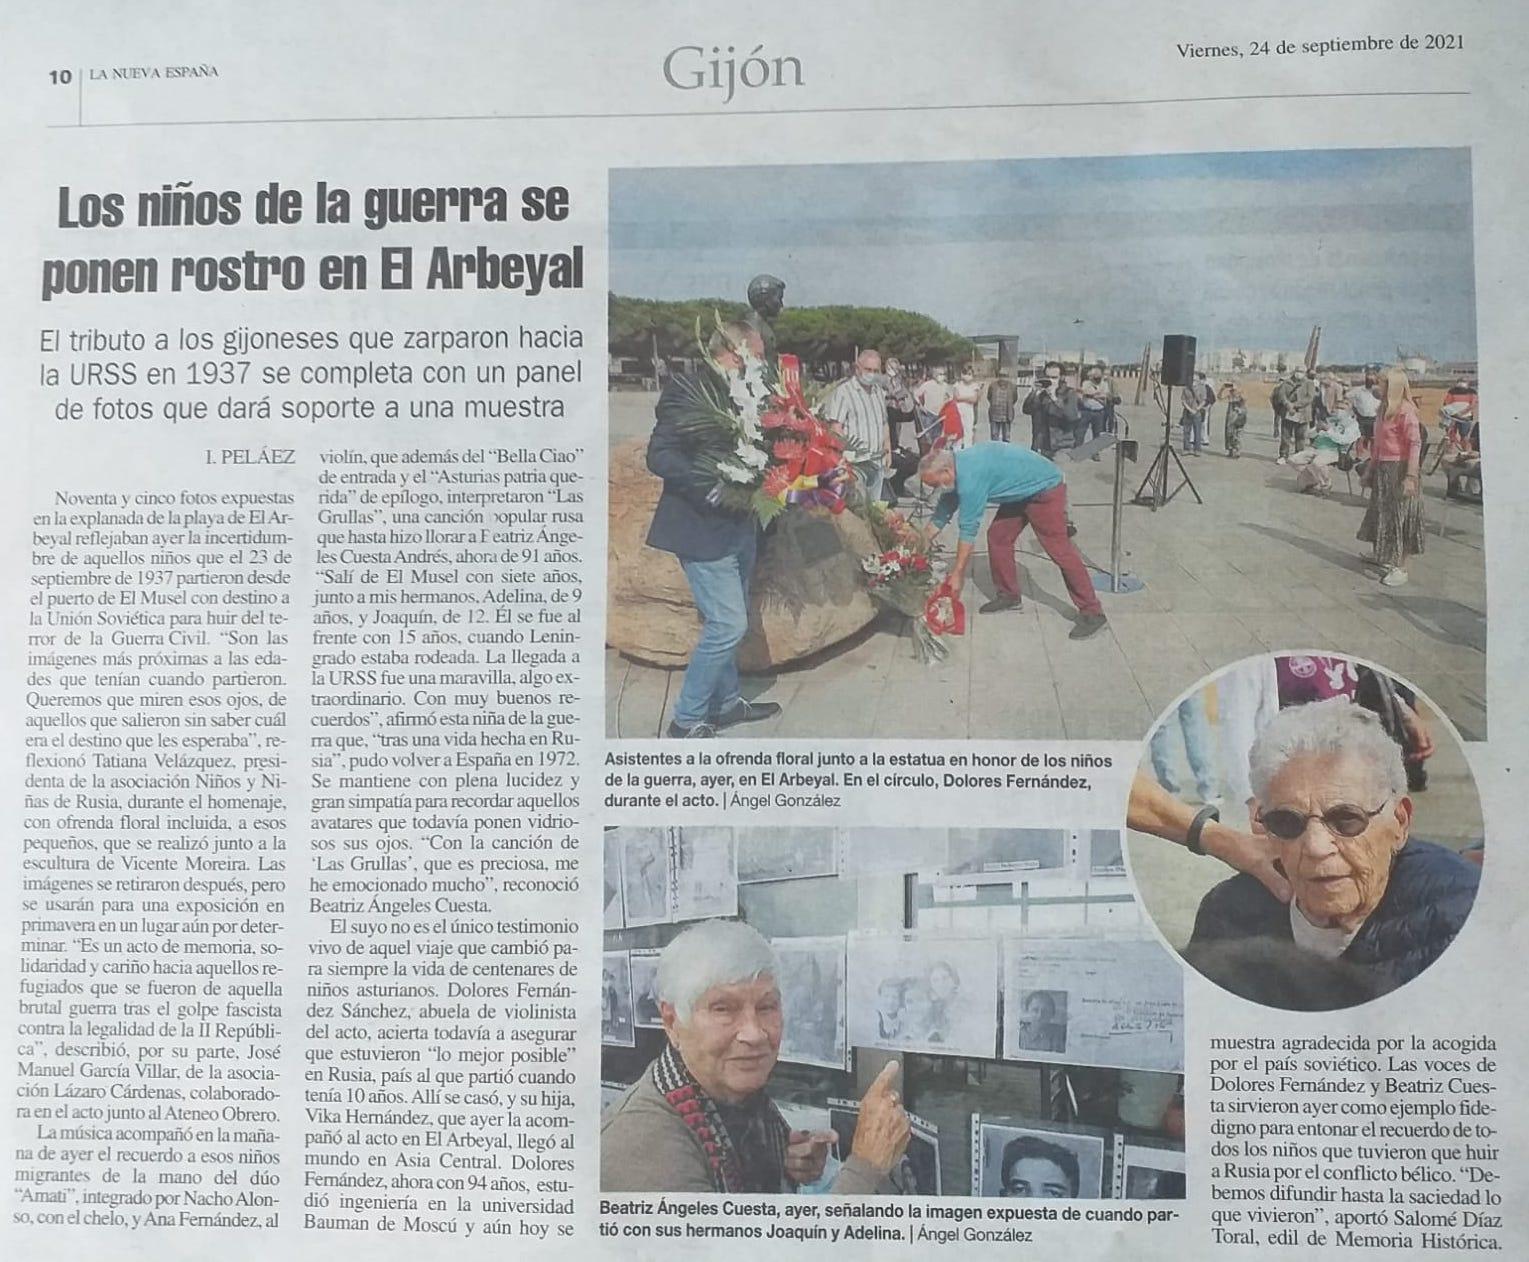 Artículo en el diario  La Nueva España, 24 de septiembre, 2021